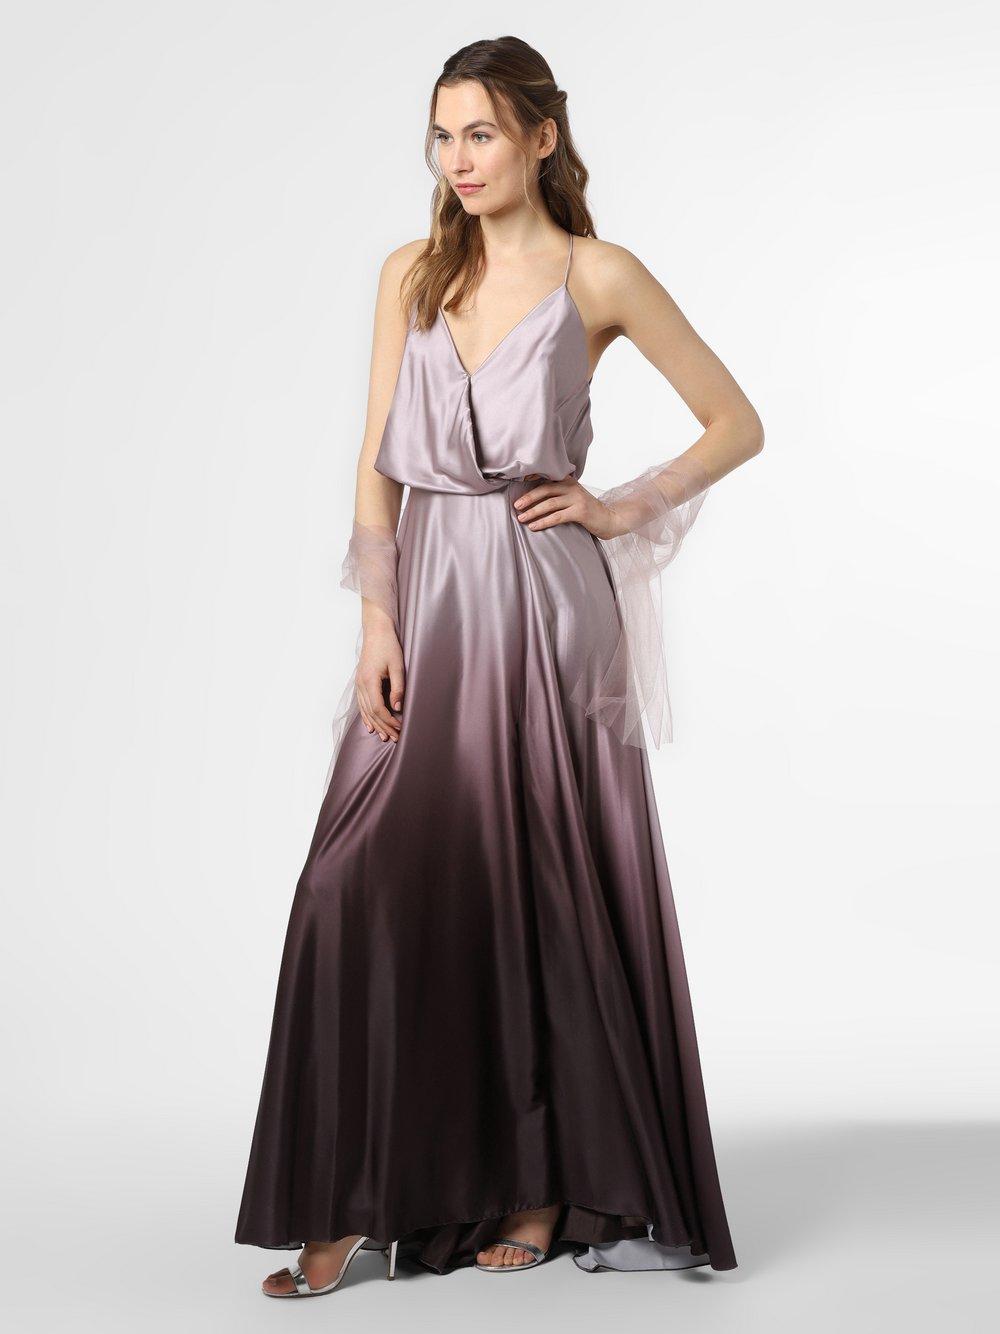 Unique – Damska sukienka wieczorowa z etolą, brązowy Van Graaf 472690-0001